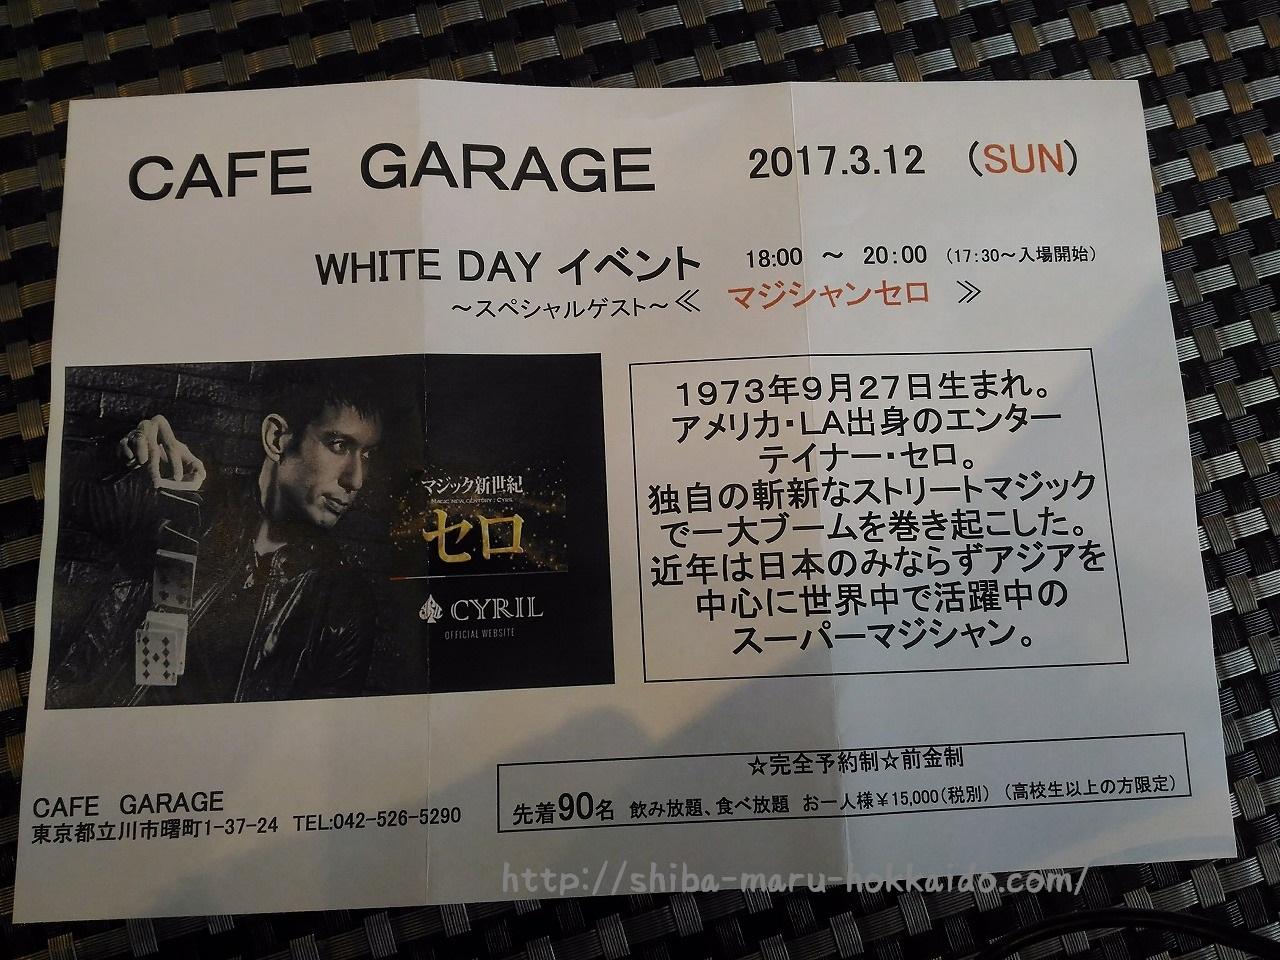 立川のカフェガレージにマジシャンセロがやってくる~!!